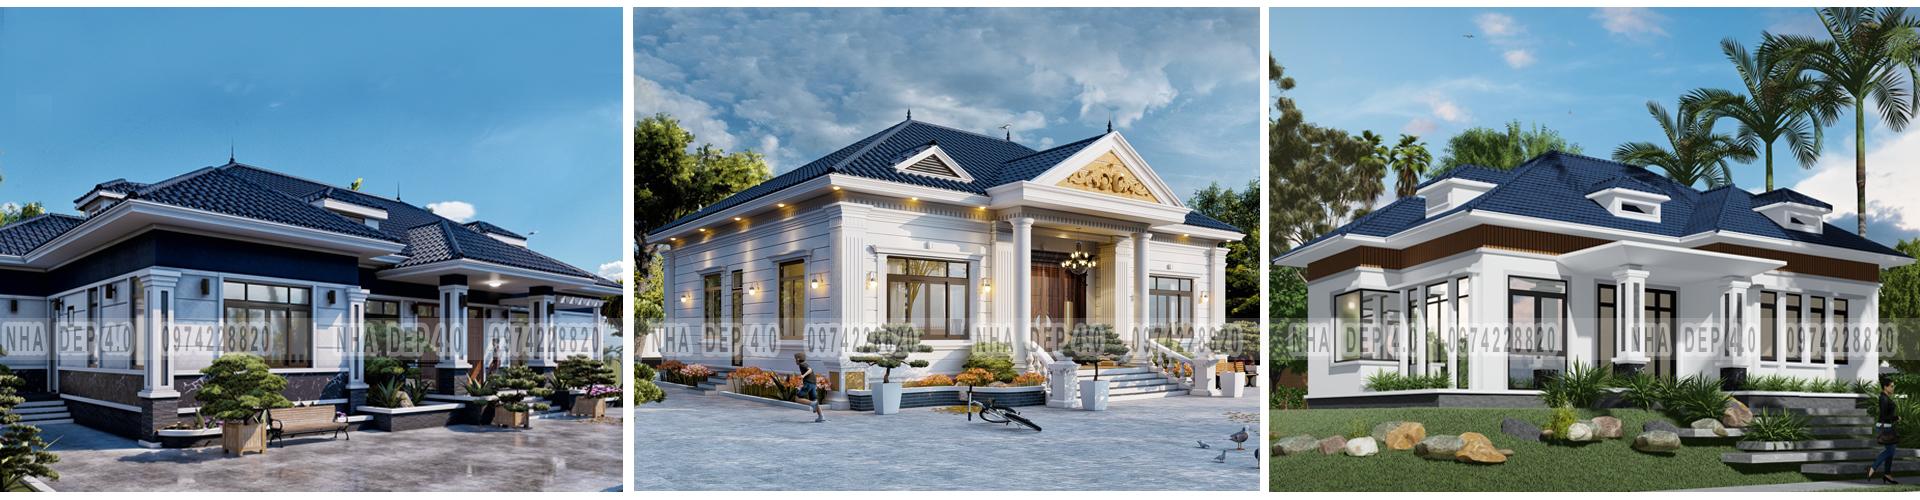 Nhà đẹp 4.0